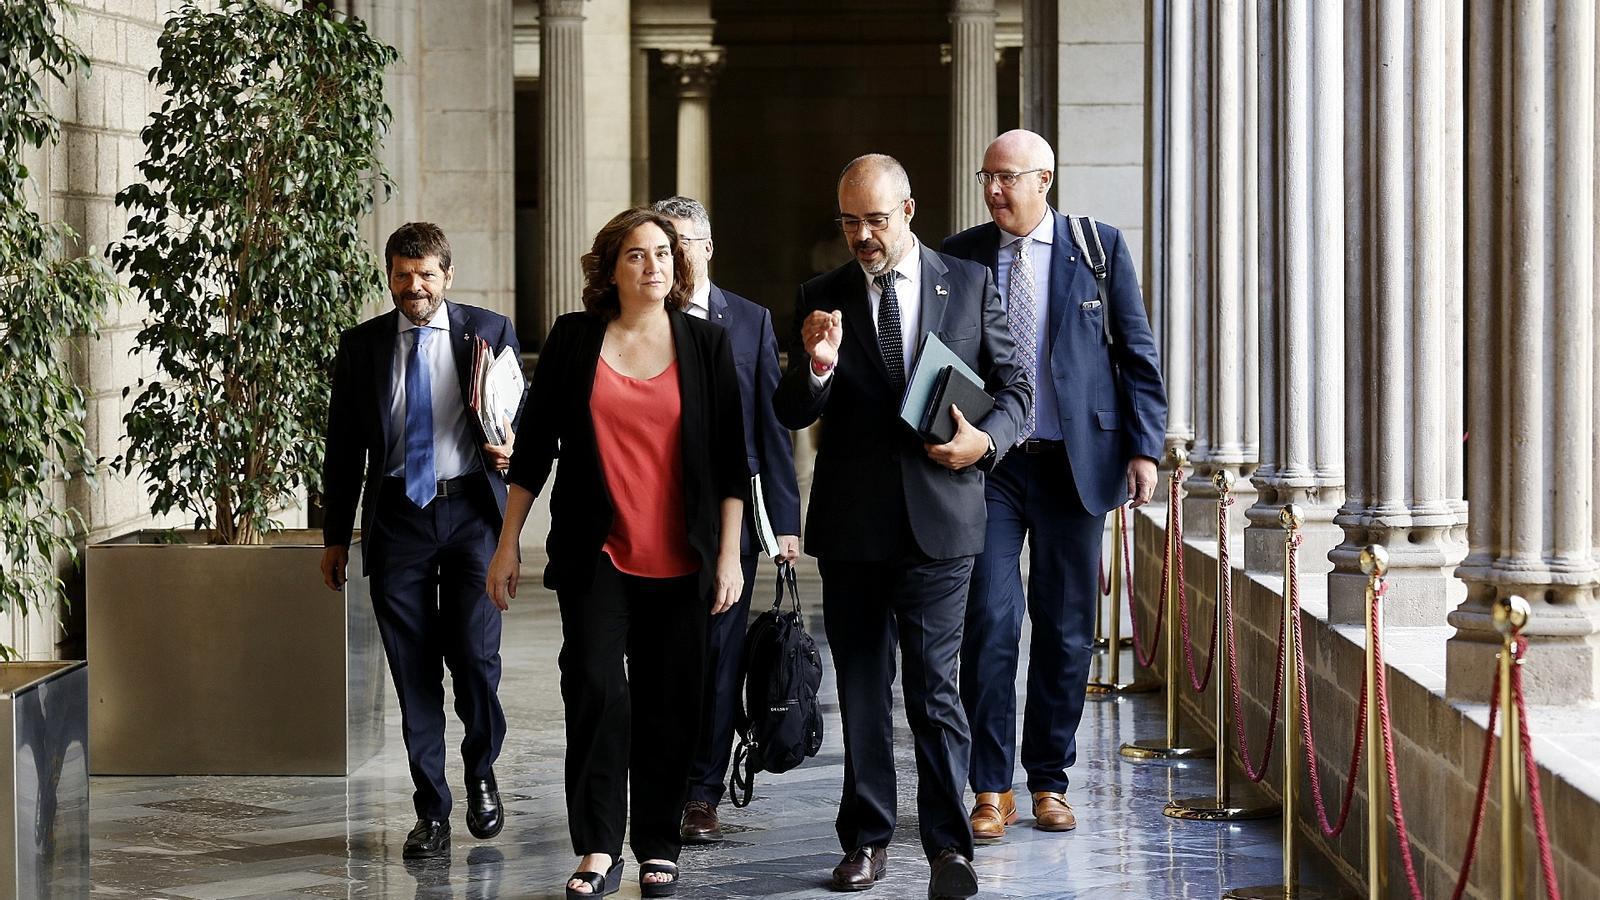 Més investigació contra els furts i les estrebades per frenar els delictes a Barcelona